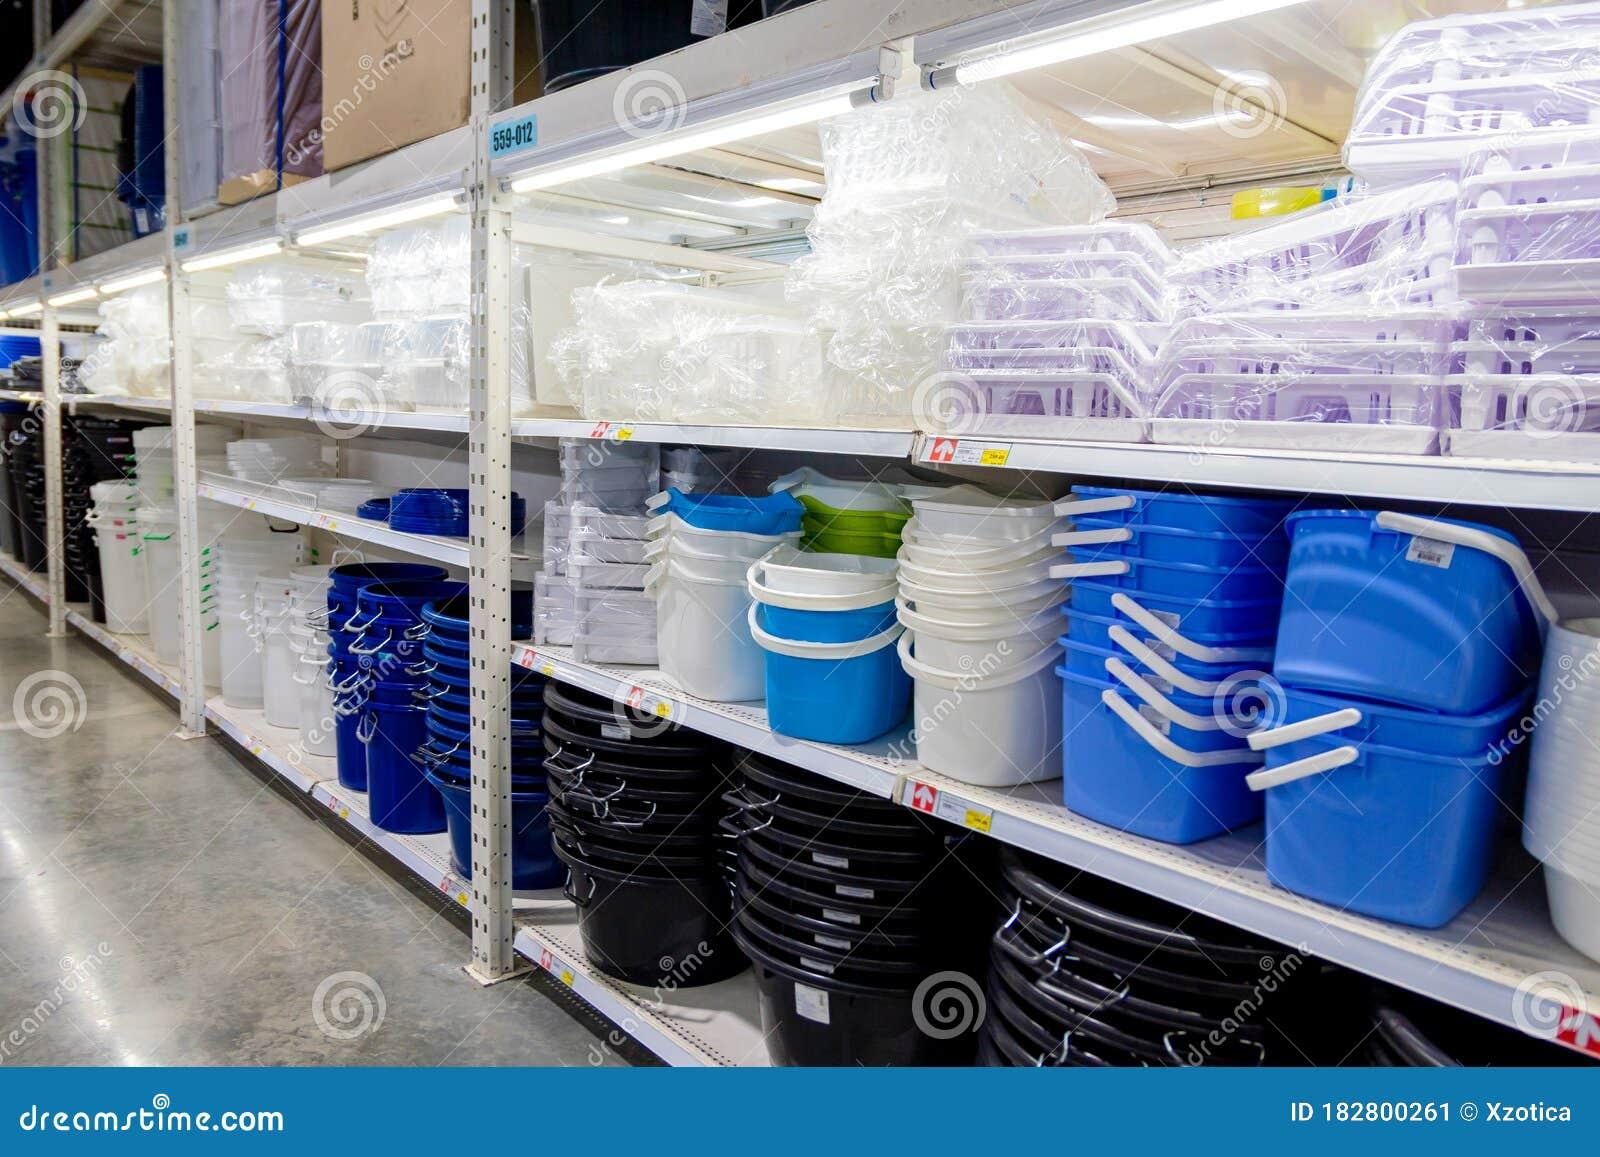 many kinds plastic bucket shelves makro supermarket many kinds plastic bucket shelves makro supermarket